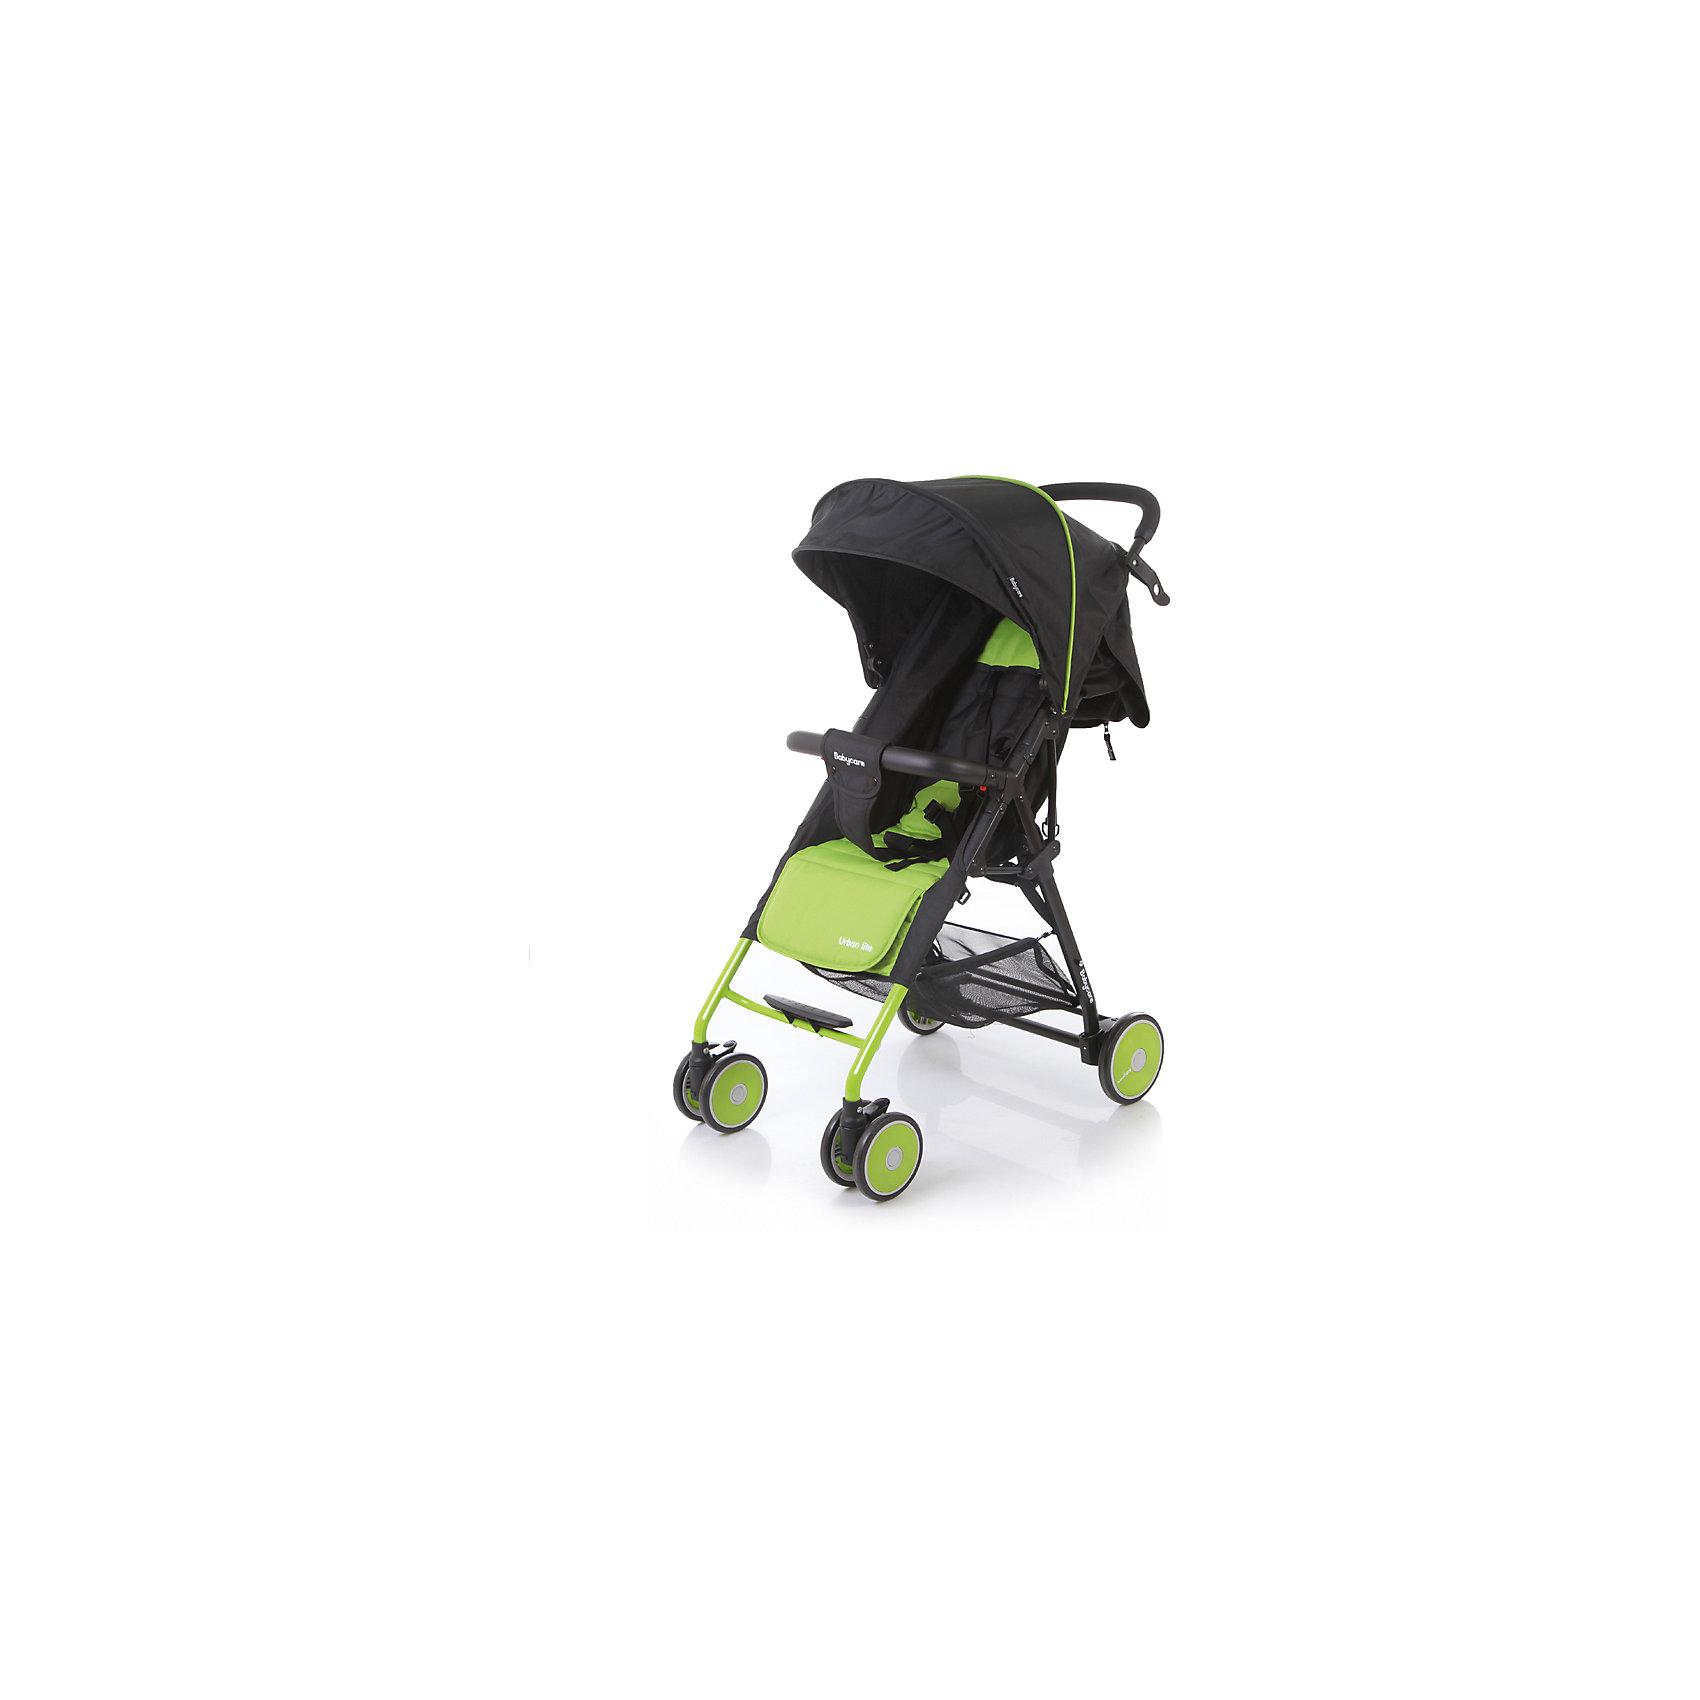 Прогулочная коляска Baby Care Urban Lite, зеленыйот +6 месяцев<br>Характеристики коляски Baby Care Urban Lite:<br><br>• плавно регулируемый наклон спинки при помощи ременного механизма;<br>• складной капюшон с солнцезащитным козырьком;<br>• смотровое окошко для наблюдения за ребенком;<br>• задняя часть капюшона открывается для вентиляции воздуха;<br>• съемный бампер с дополнительным разделителем между ножек;<br>• регулируемая при помощи ремня подножка;<br>• ручка родителей с мягкой нескользящей накладкой;<br>• 5-ти точечные ремни безопасности с мягкими накладками;<br>• ширина сидения 33,5 см;<br>• материал: полиэстер.<br><br>Прогулочная коляска Baby Care Urban Lite — легкая маневренная коляска для прогулок по городу, поездок на природу и путешествия. Просторное сидение, откидывающая спинка и регулируемая подножка обеспечивают малышу максимально комфортную прогулку. Коляска компактно складывается, не занимает много места, ее можно перевозить в багажнике автомобиля. <br><br>Шасси коляски:<br><br>• легкая алюминиевая рама;<br>• передние поворотные колеса сдвоенные, с возможностью фиксации;<br>• задние колеса одинарные;<br>• диаметр передних колес 13 см, задних — 15,3 см;<br>• ширина колесной базы 51 см;<br>• амортизаторы на передних колесах для смягчения хода;<br>• ножной тормоз;<br>• тип складывания «книжка»;<br>• устойчива в сложенном виде;<br>• корзина для покупок размером 40х34х14 см.<br><br>Размер коляски в разложенном виде 87х51х103 см<br>Размер коляски в сложенном виде 67х51х25 см<br>Вес коляски 5,4 кг<br>Размер упаковки 66х46х18 см<br>Вес в упаковке 6,2 кг<br><br>Комплектация:<br><br>• прогулочный блок<br>• корзина для покупок;<br>• чехол на ножки;<br>• инструкция.<br><br>Прогулочную коляску Baby Care Urban Lite зеленую можно приобрести в нашем интернет-магазине.<br><br>Ширина мм: 660<br>Глубина мм: 460<br>Высота мм: 180<br>Вес г: 6200<br>Возраст от месяцев: 6<br>Возраст до месяцев: 36<br>Пол: Унисекс<br>Возраст: Детский<br>SKU: 5493336